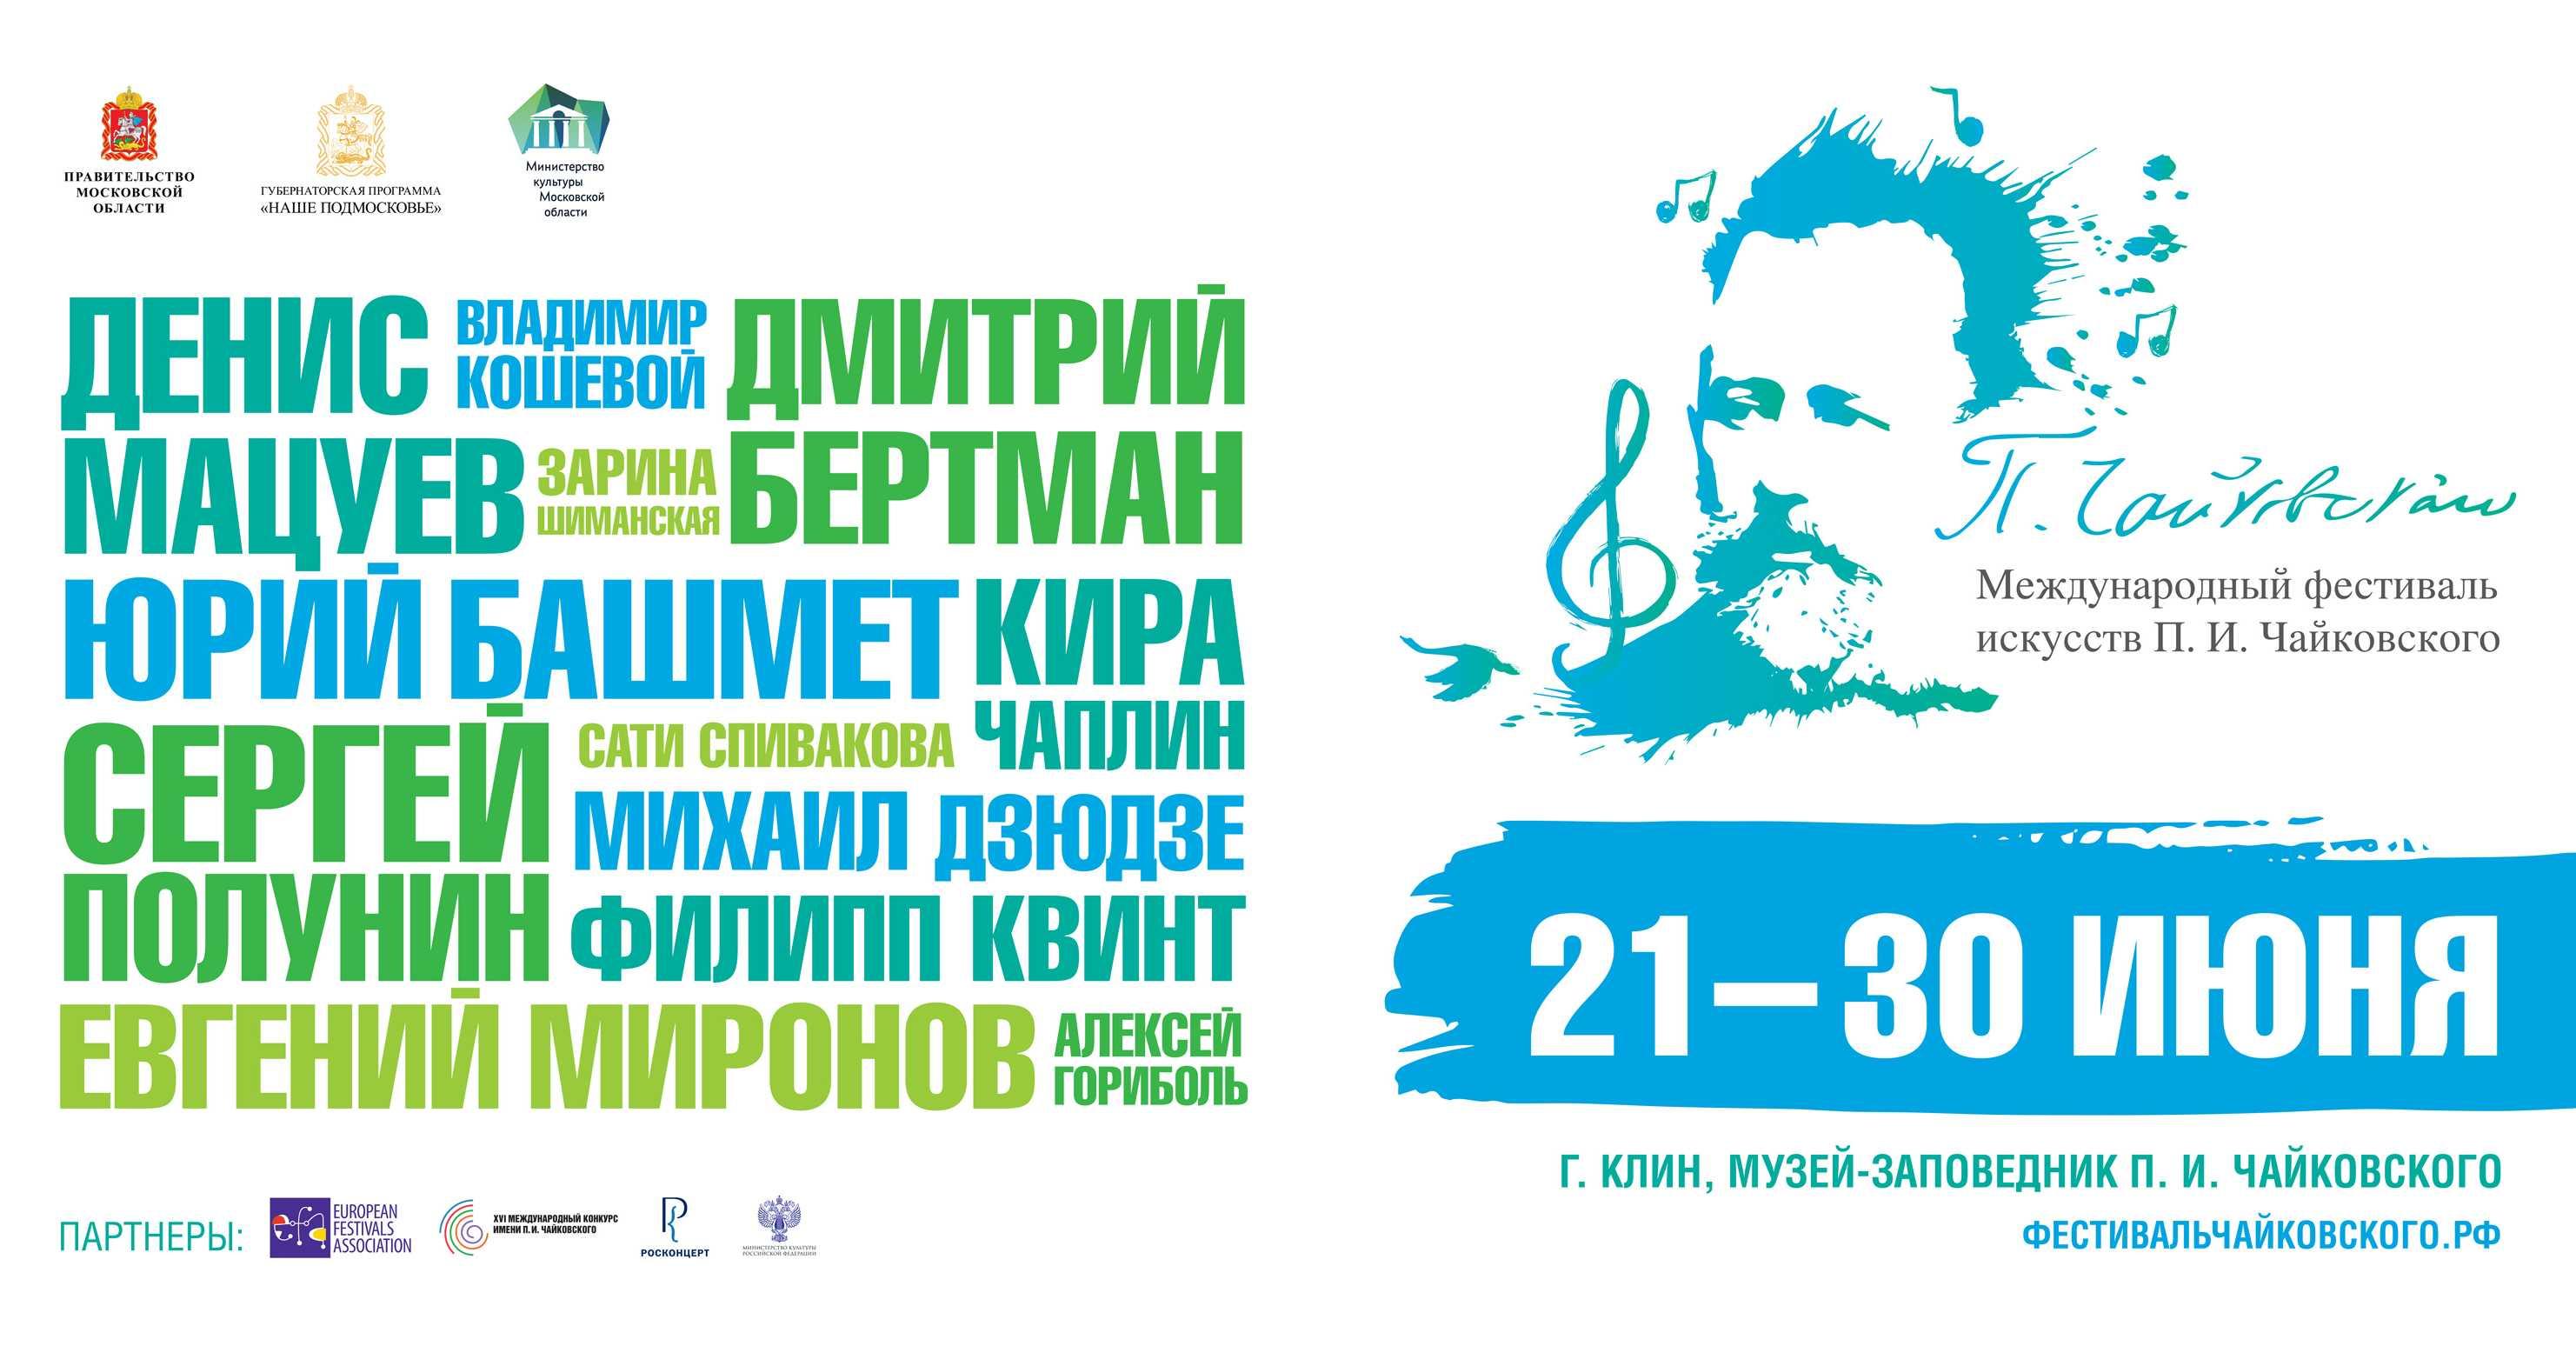 фестиваль искусств